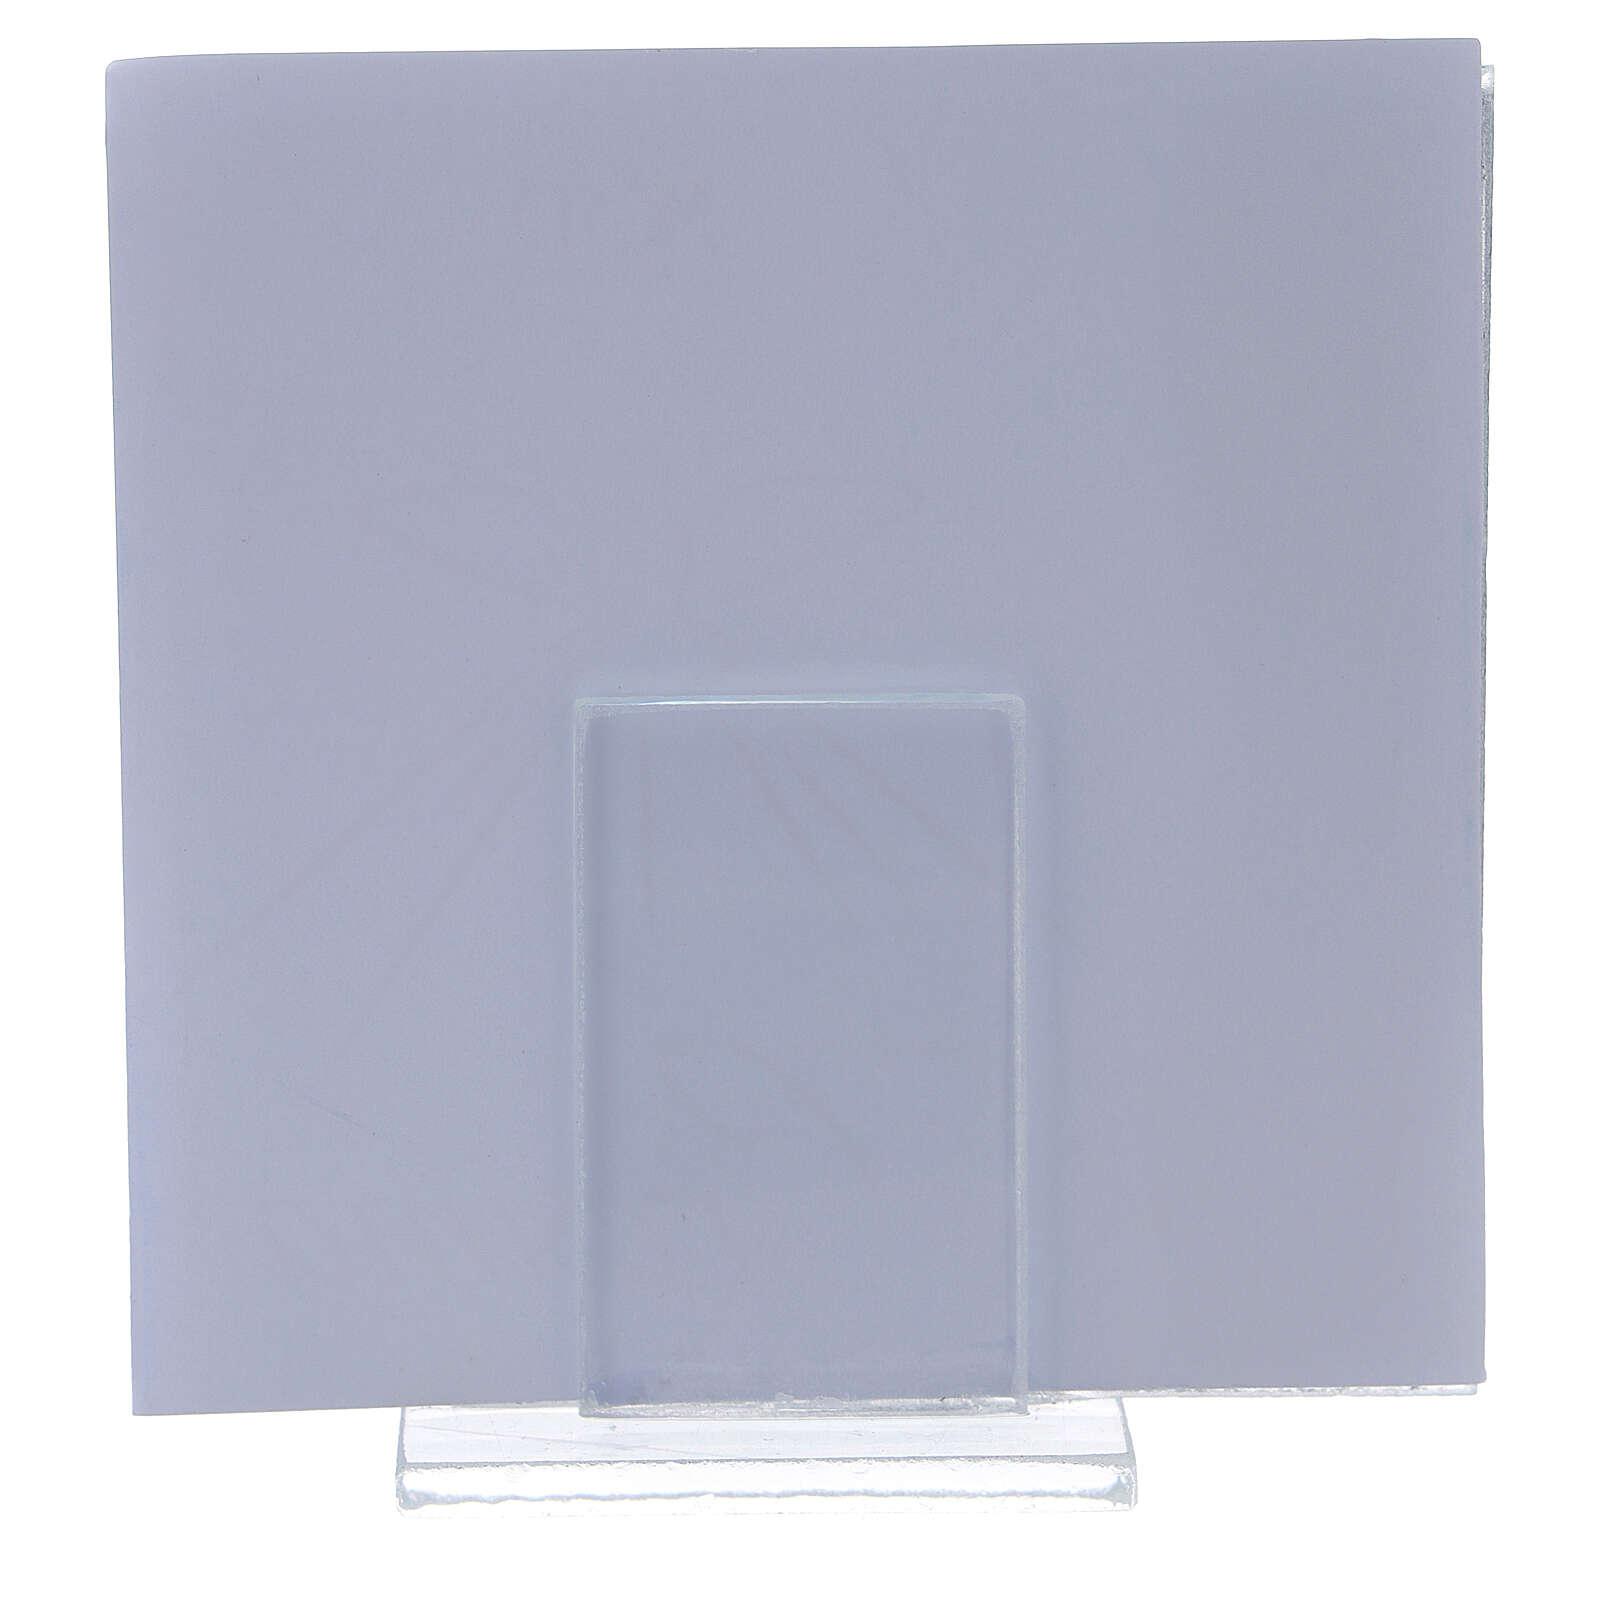 Portarretrato Sagrada Confirmación rosa con marco lámina plata 10x10 cm 3